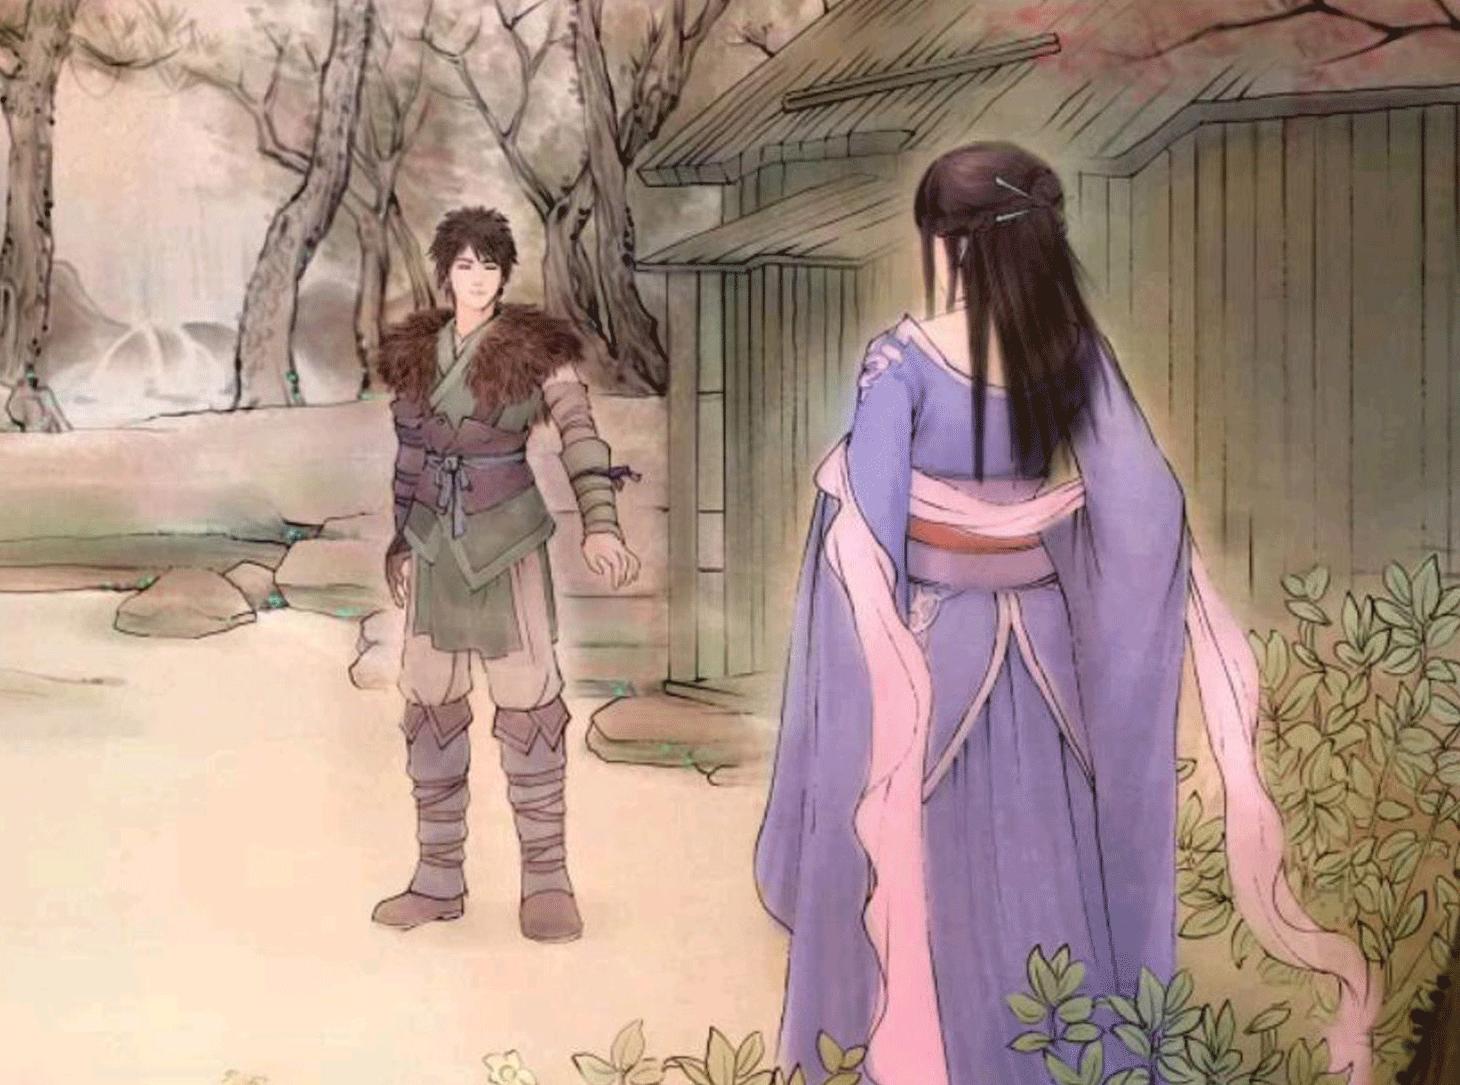 《仙剑四》将开拍!竟然没有慕容紫英?